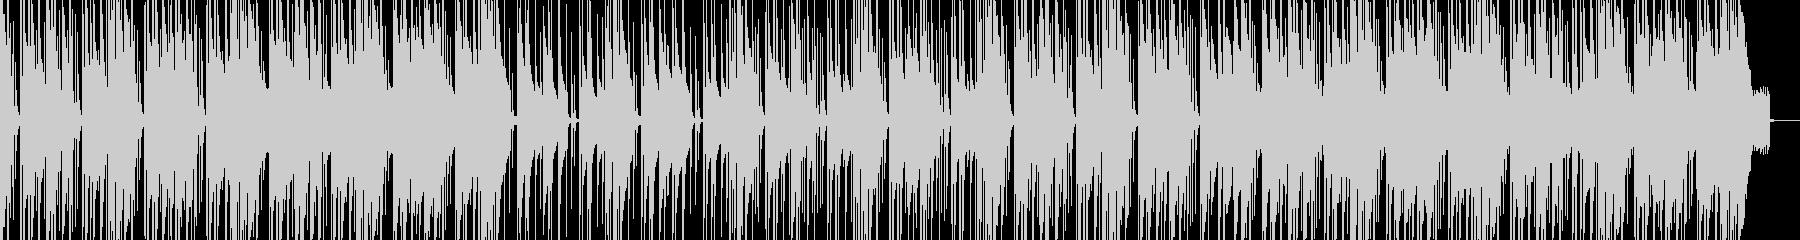 気まぐれなレゲエ風トラックのCam...の未再生の波形